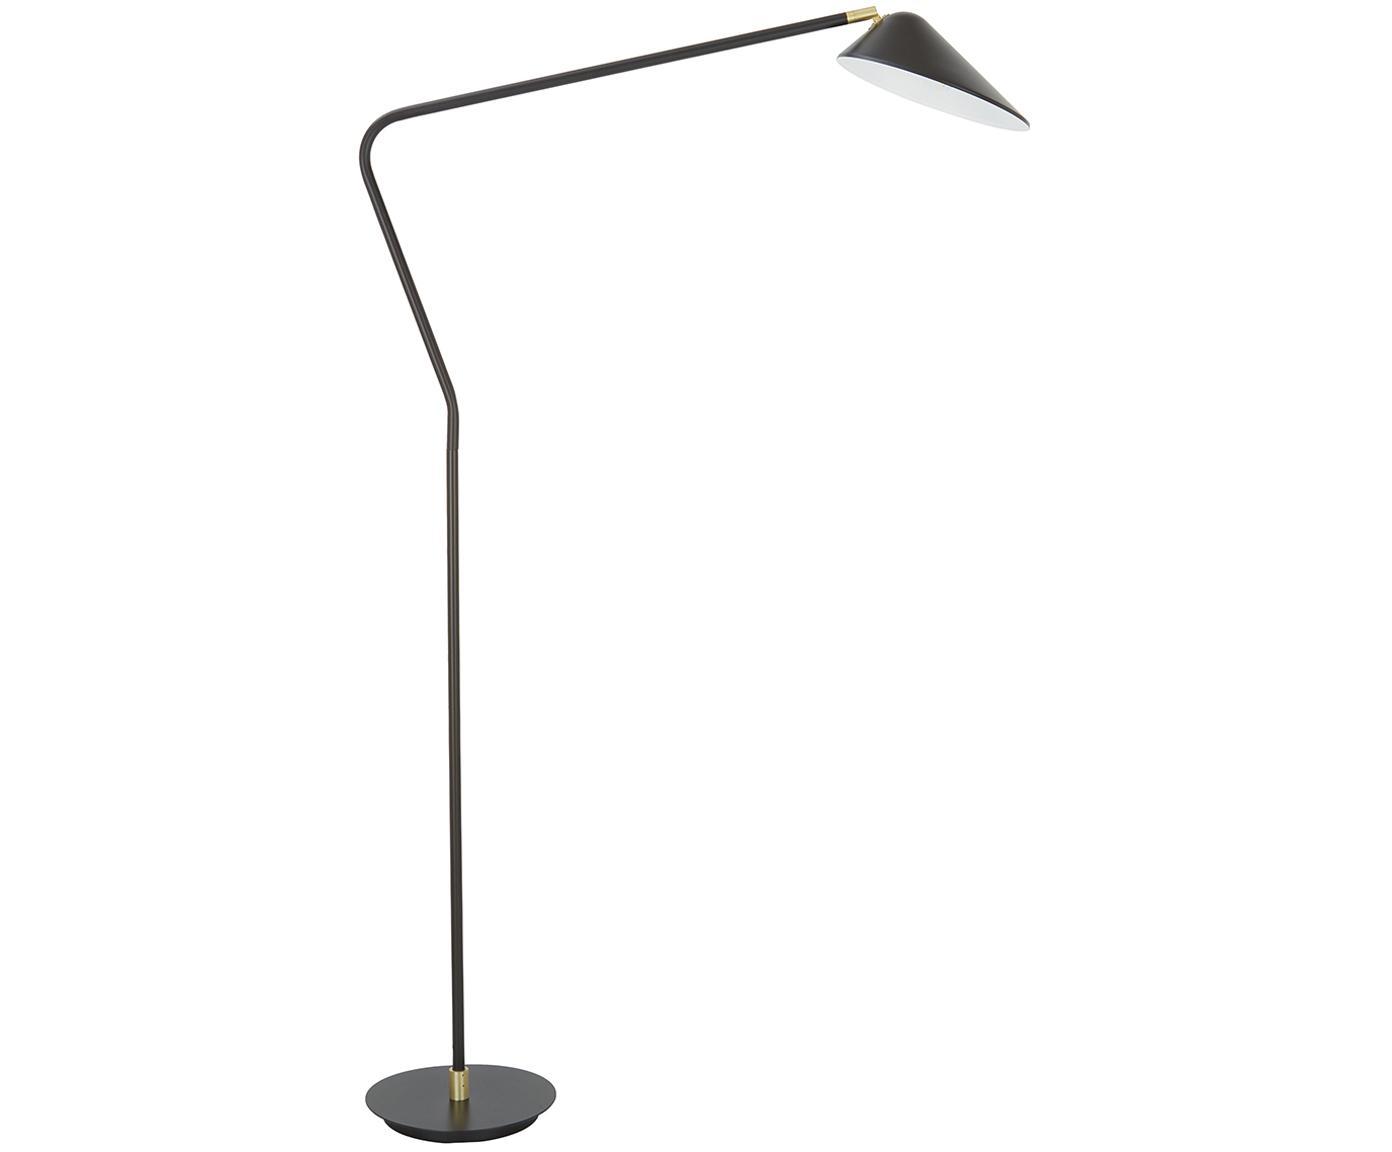 Vloerlamp Neron, Lampenkap: gepoedercoat metaal, Lampvoet: gepoedercoat metaal, Zwart, 27 x 171 cm